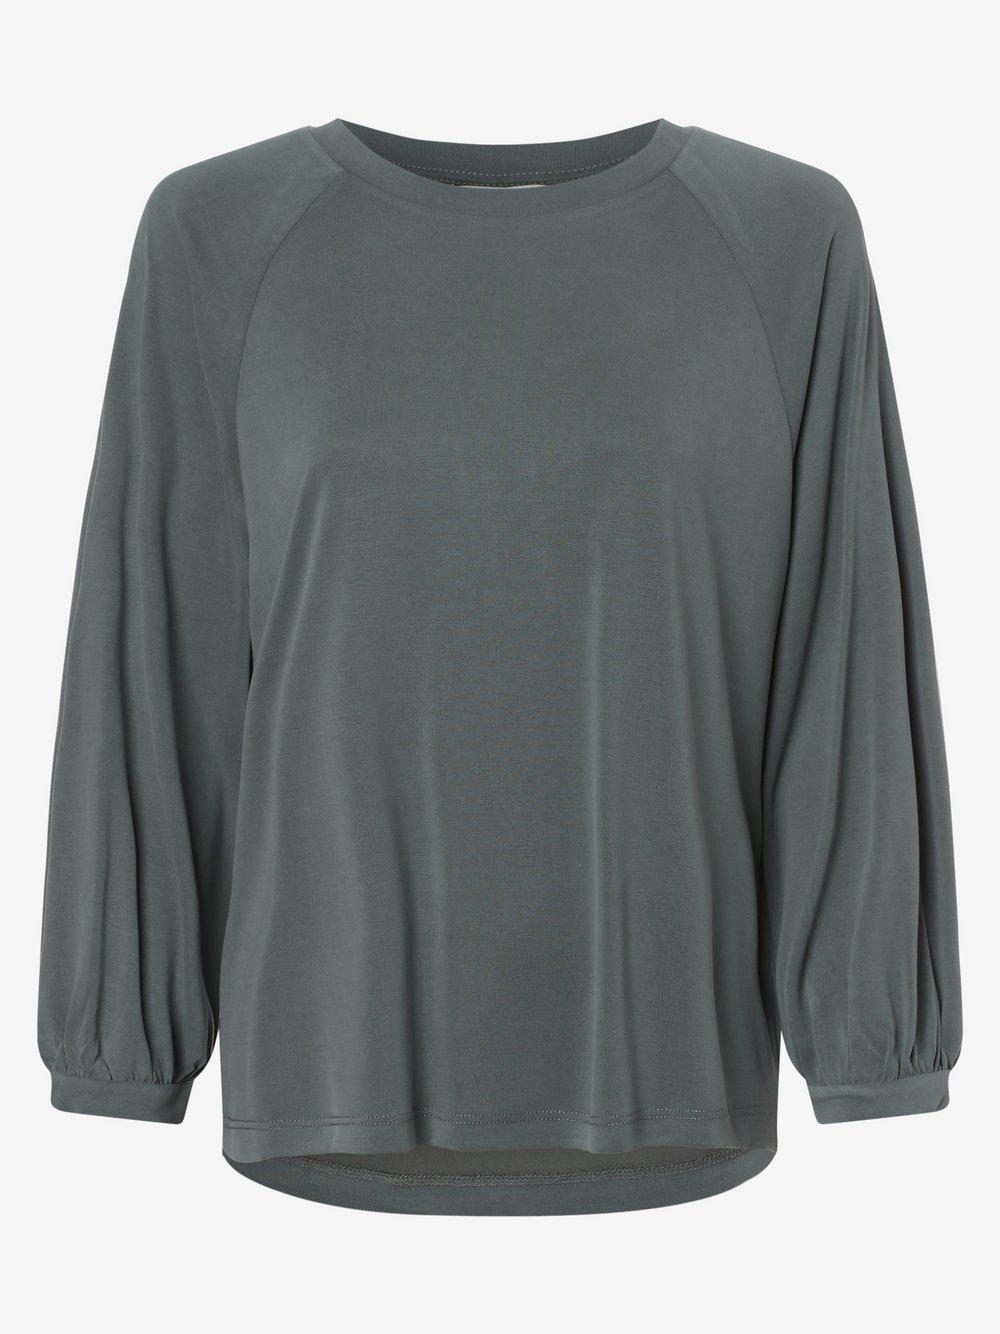 mbyM – Koszulka damska – Kilja, zielony Van Graaf 484640-0002-09930